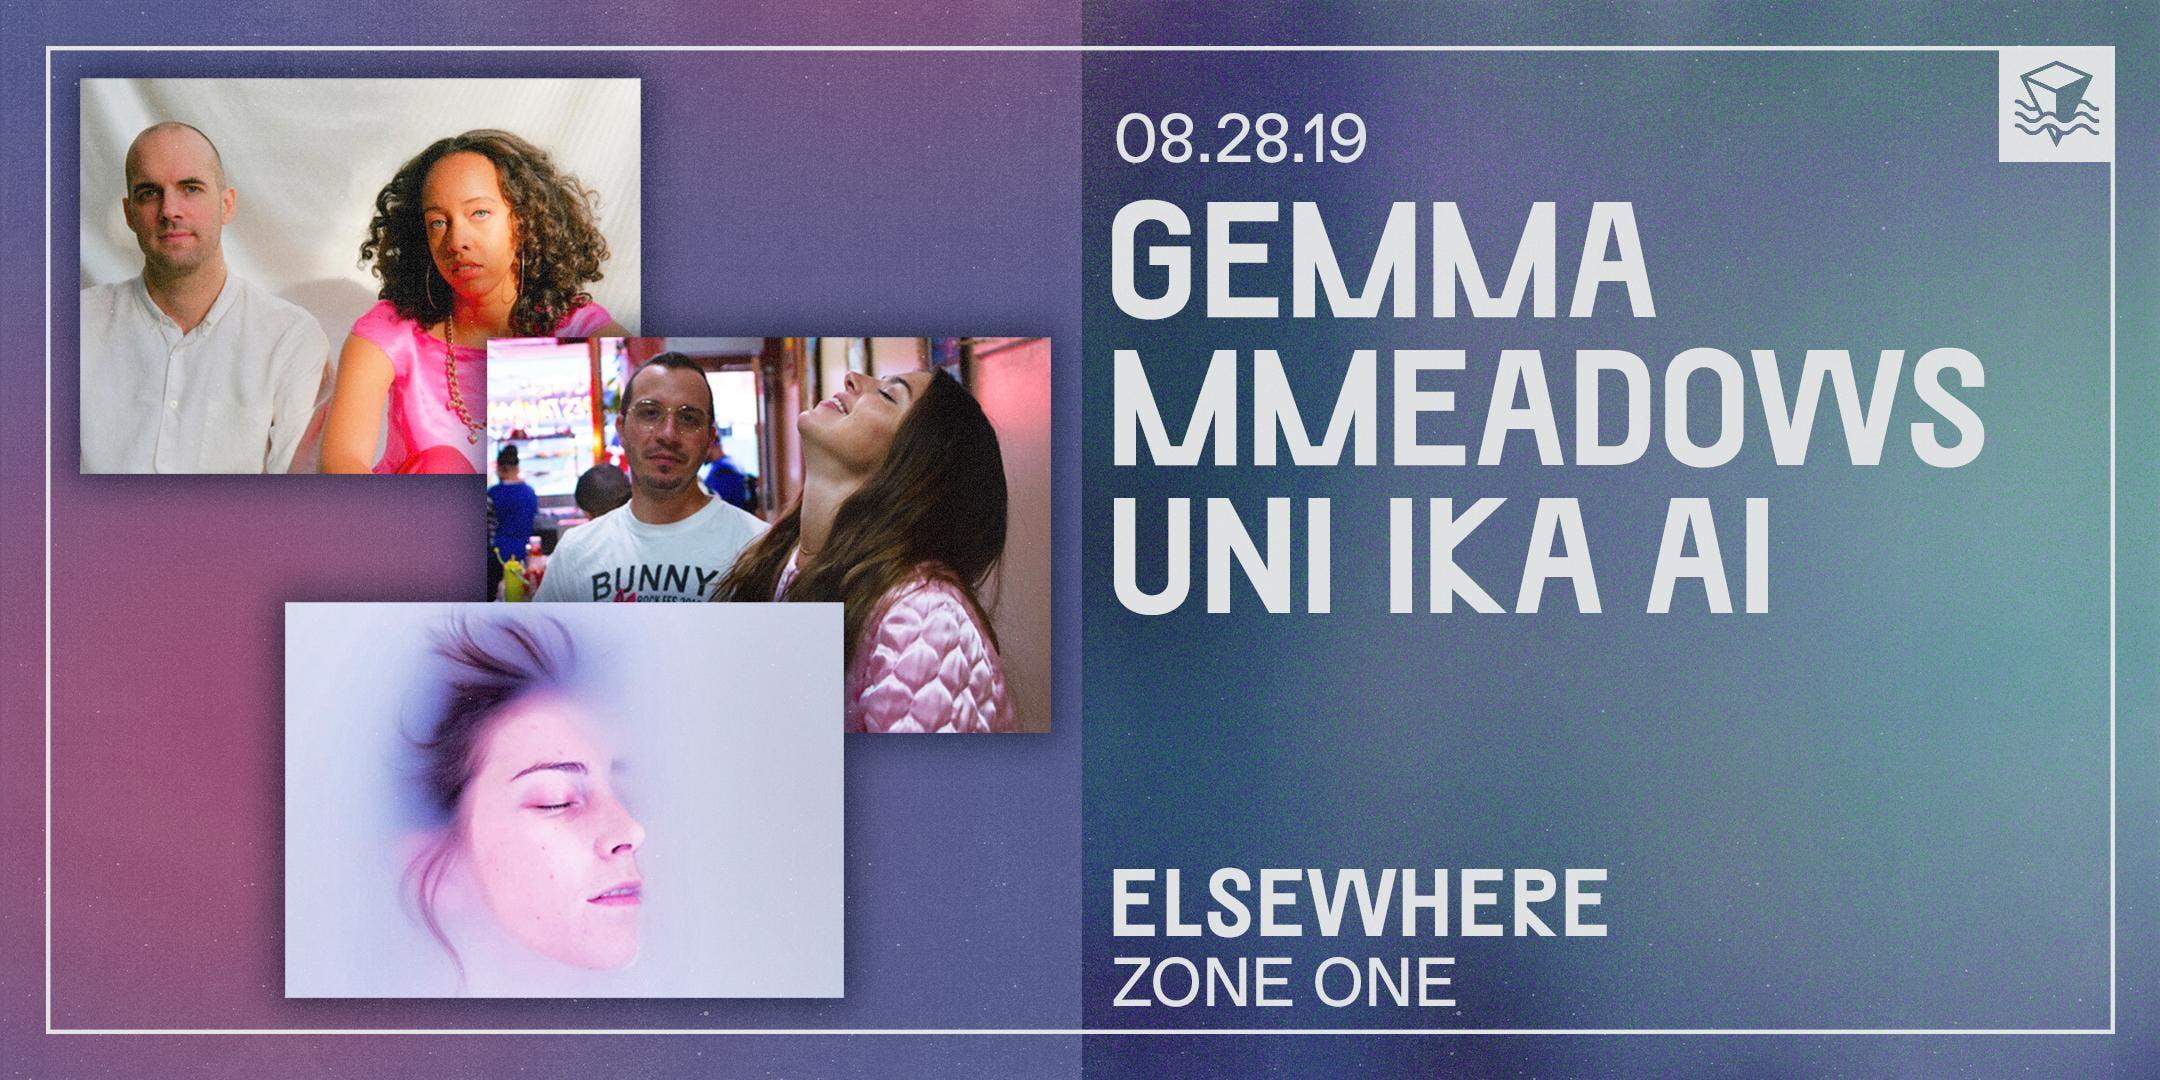 Gemma + mmeadows + Uni Ika Ai